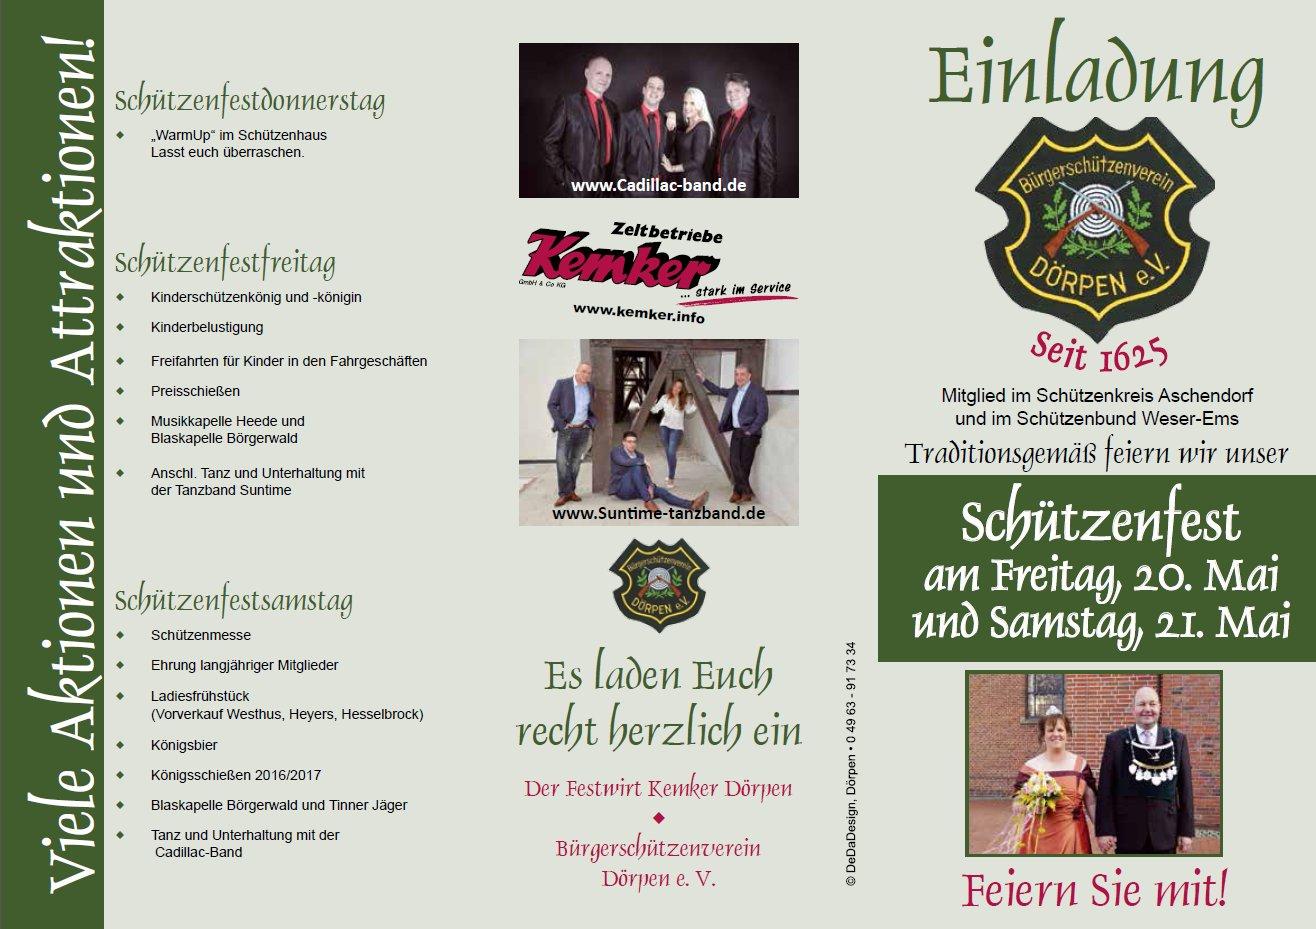 Schützenfest Archive Seite 5 von 7 BSV Dörpen e.V.